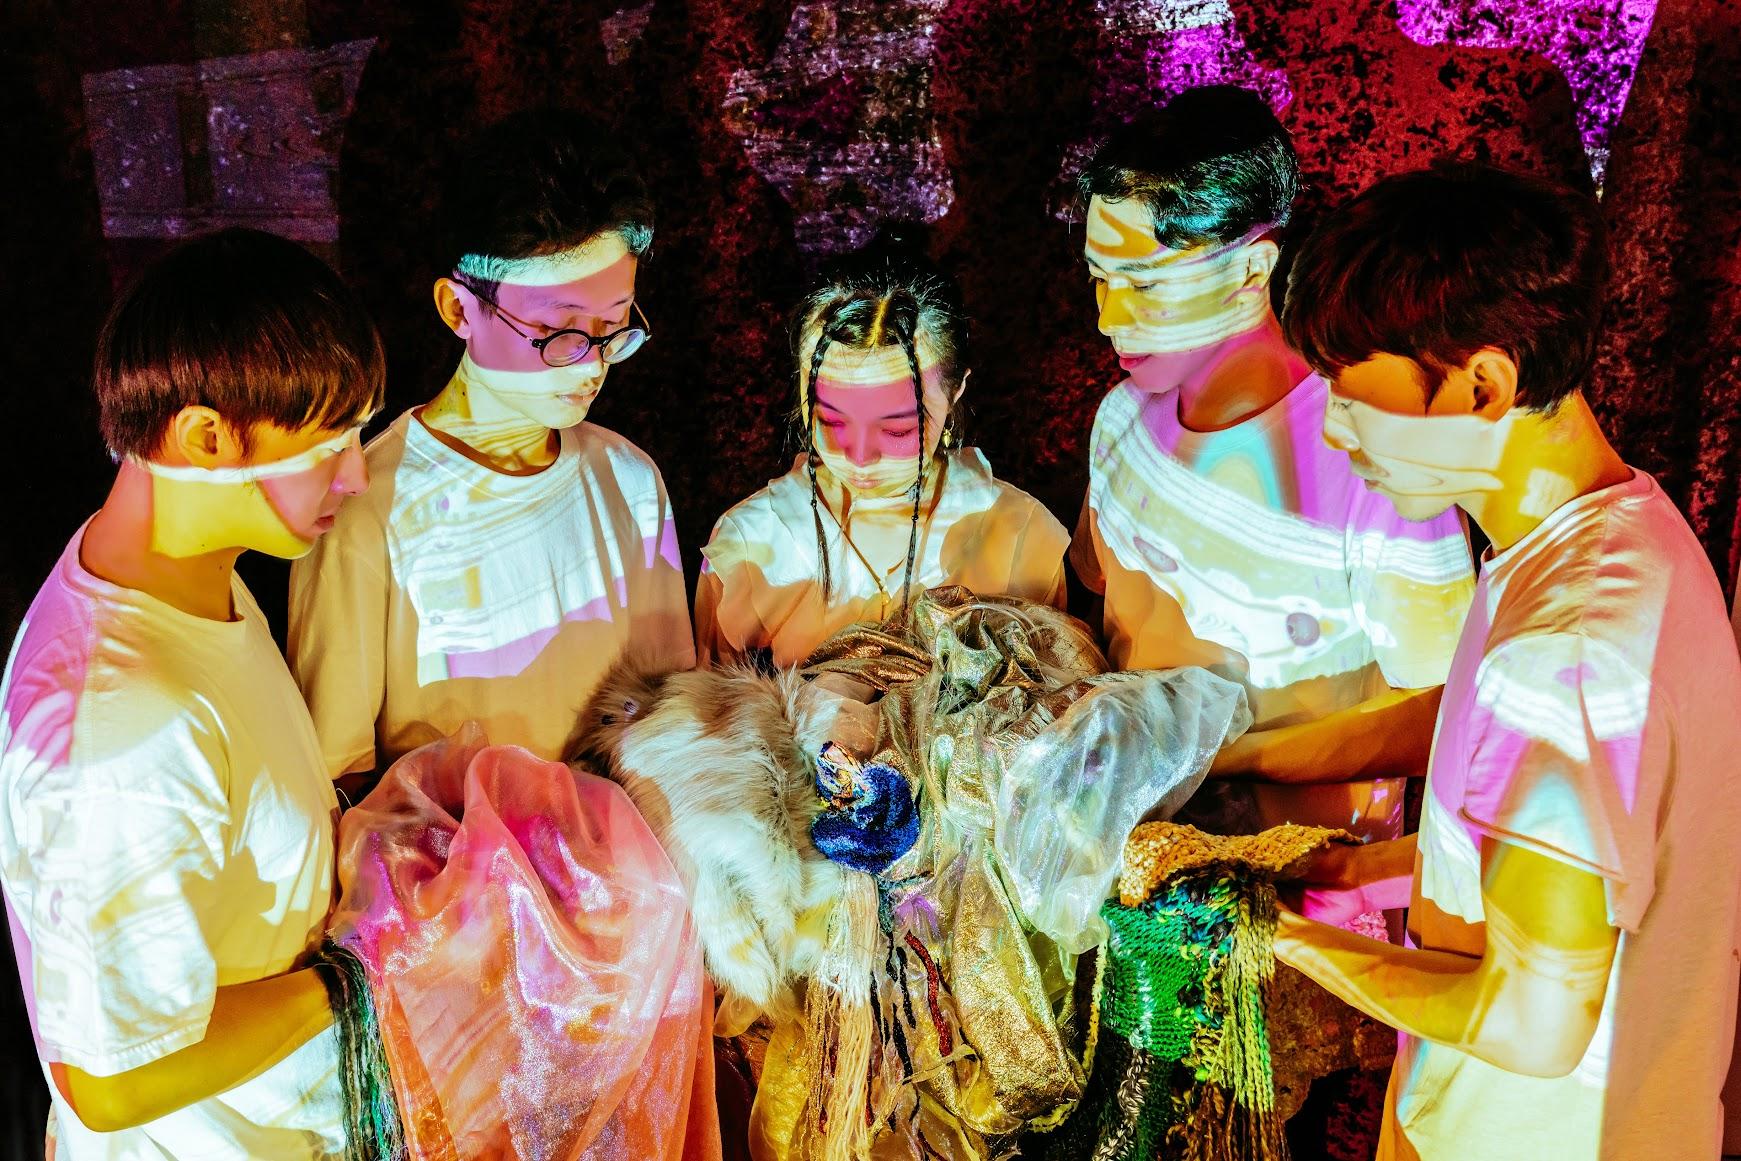 [迷迷演唱會]金音獎最佳風格類型單曲獎得主 落差草原 WWWW 睽違三年推出發片專場